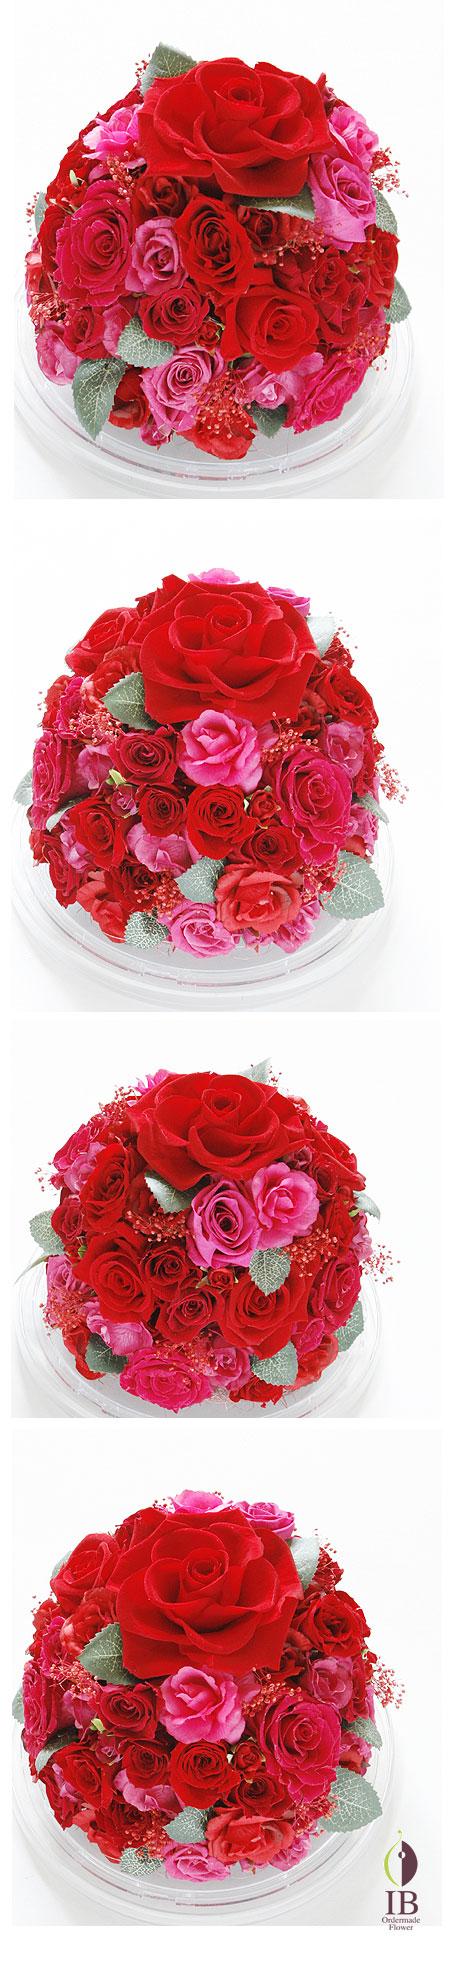 プリザ 赤いバラ60輪